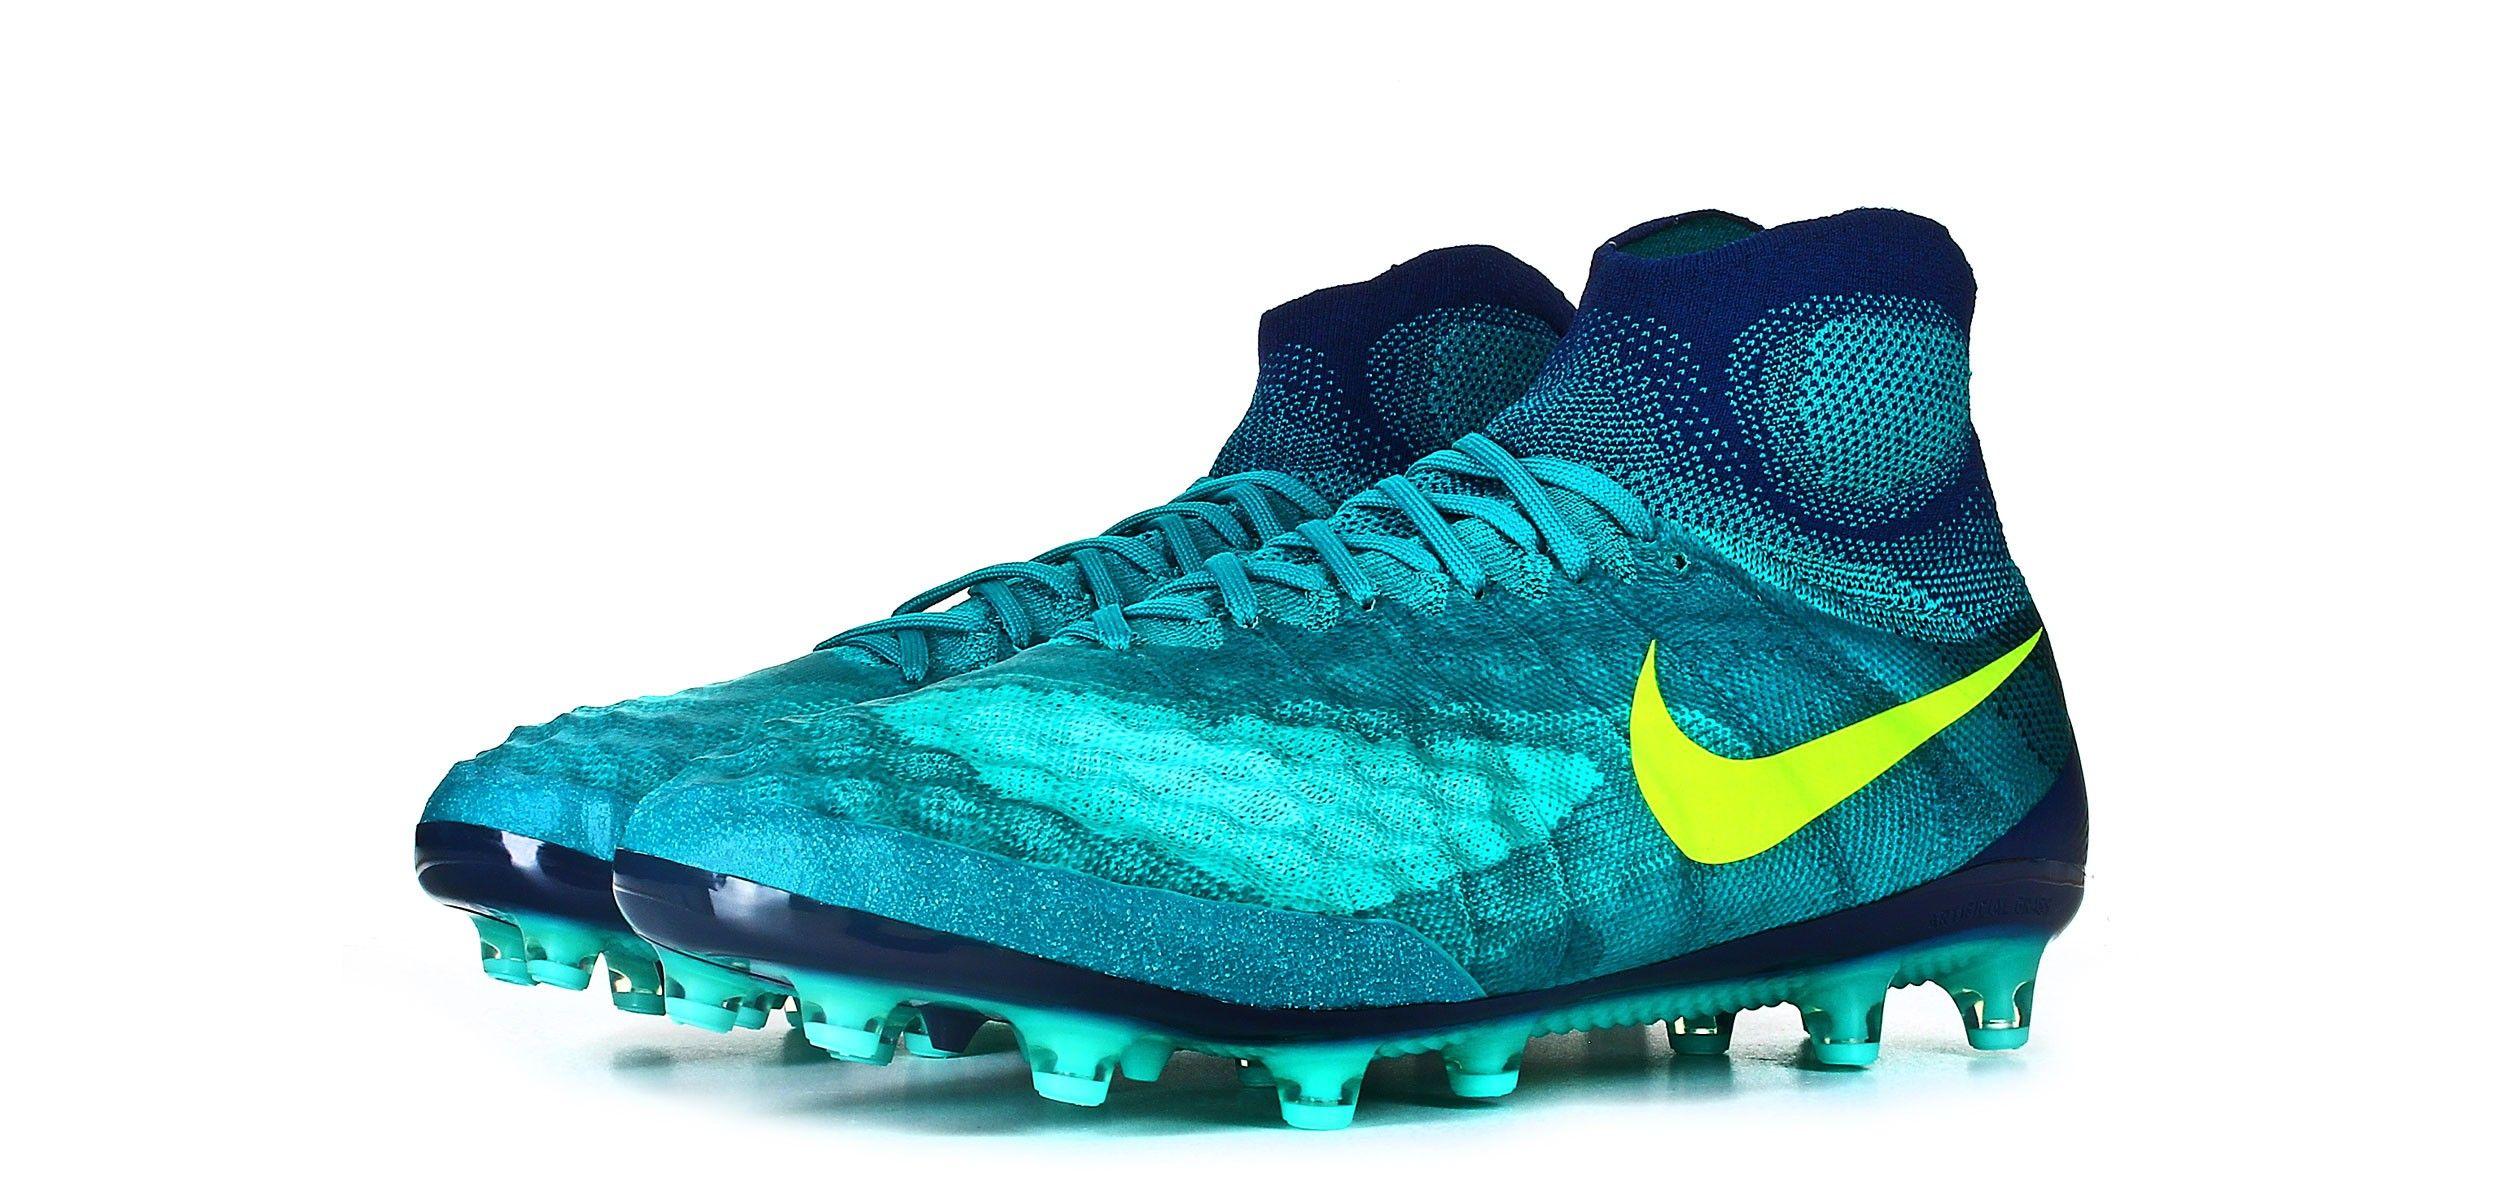 Botas de fútbol Nike Magista Obra II AG-PRO - Verde Azulado - perspectiva  conjunto · Soccer BootsFootball ...